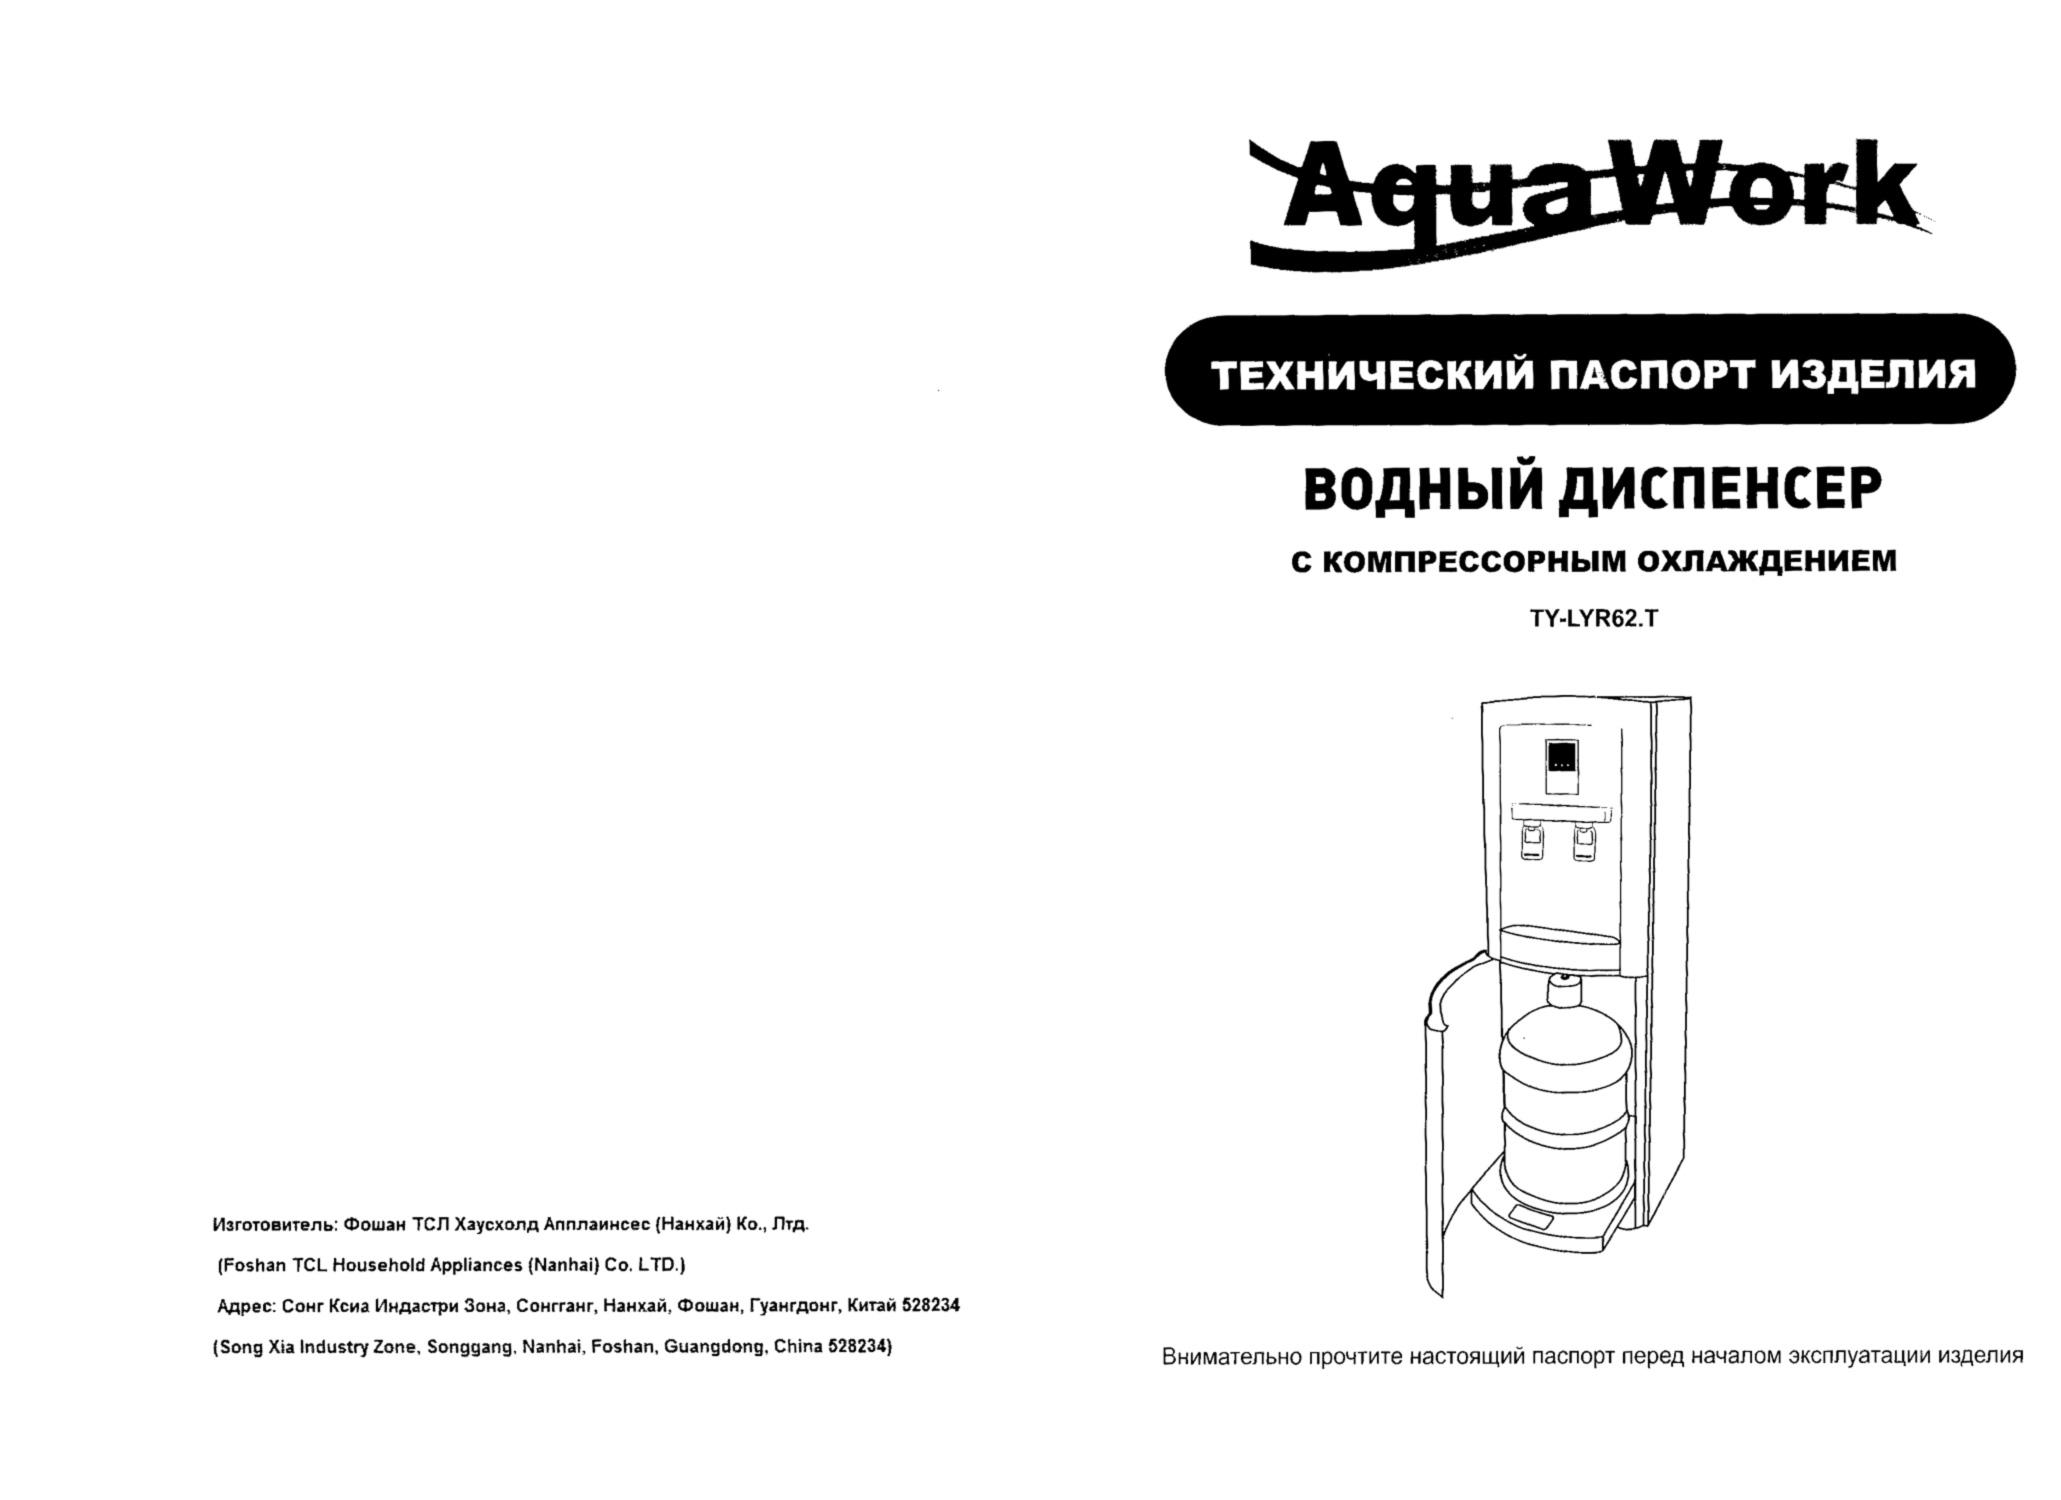 кулер Aqua Work 62-T паспорт